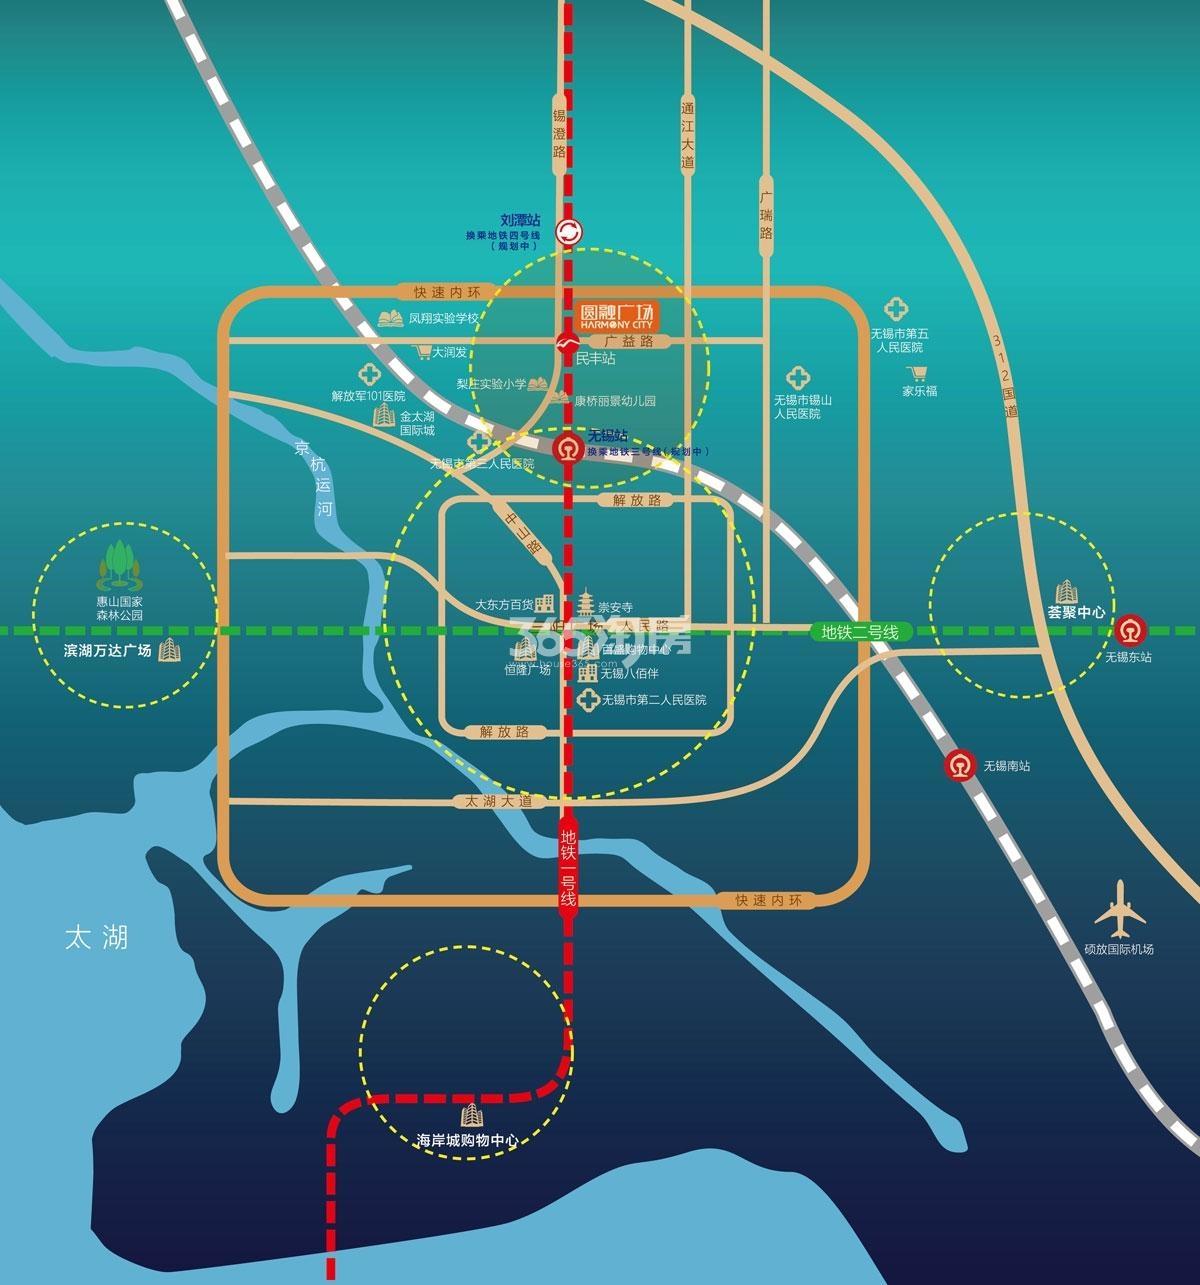 圆融广场交通图